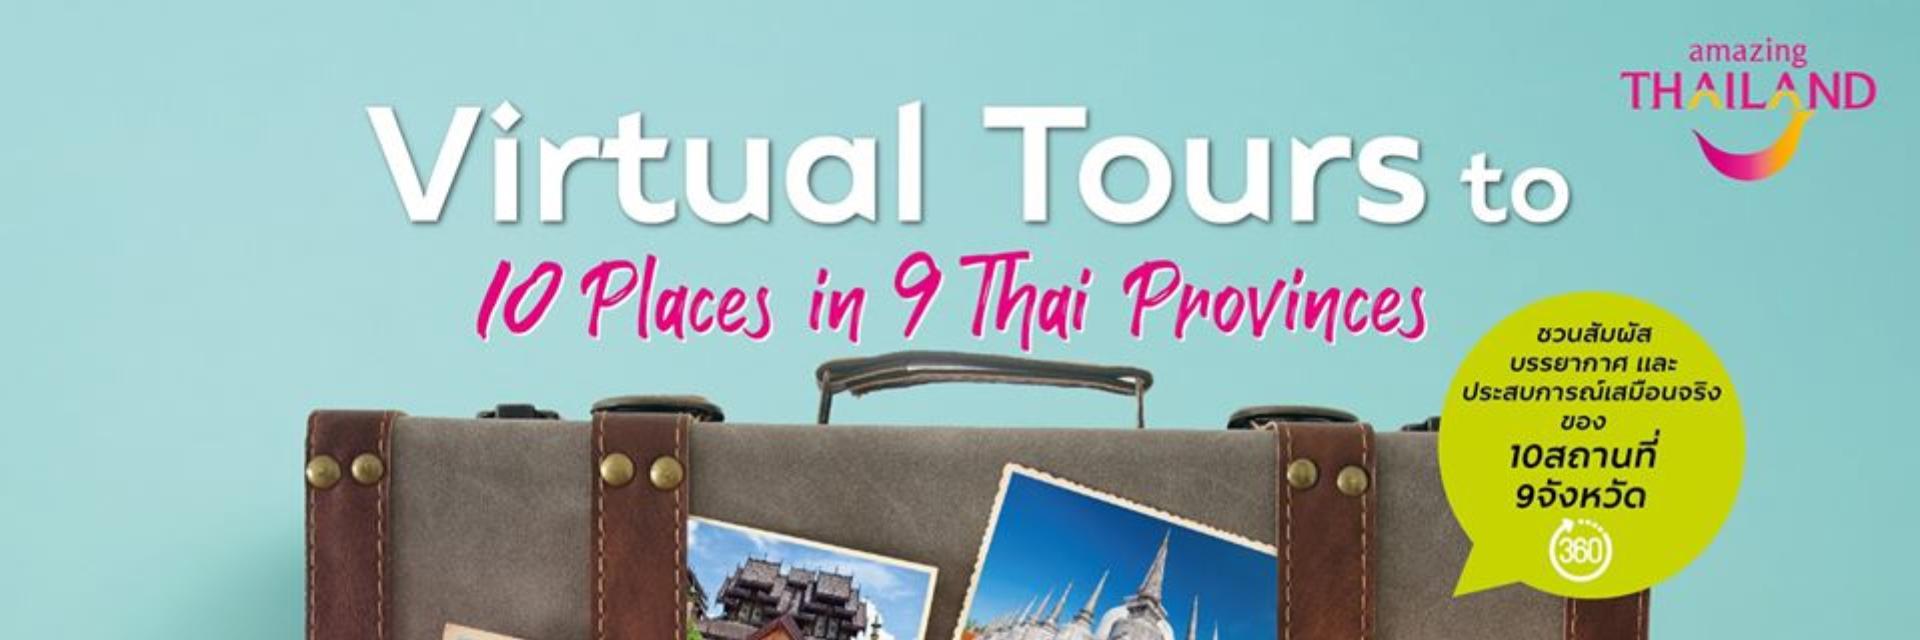 ชวนสัมผัสบรรยากาศ และประสบการณ์ท่องเที่ยวเสมือนจริง Virtual Tours